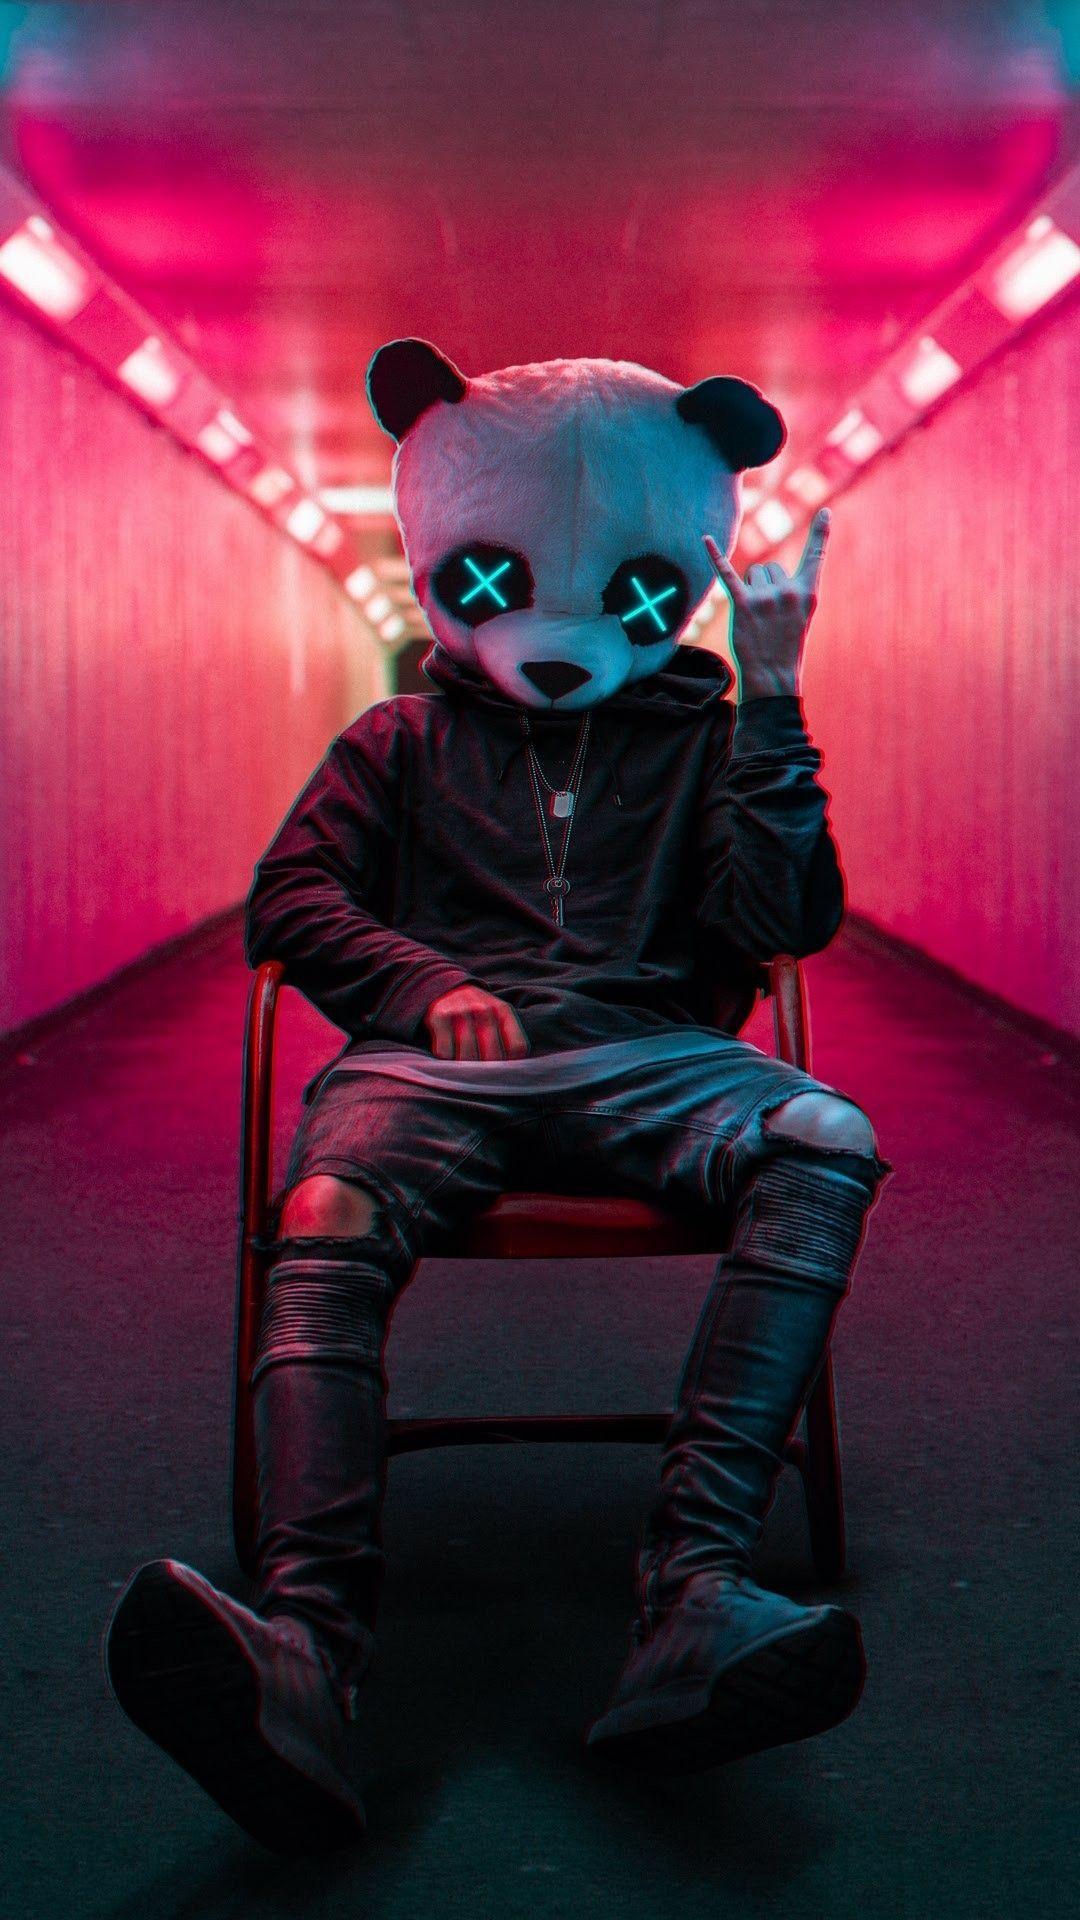 Wallpapers.black.k in 2020 Panda wallpapers, Cool